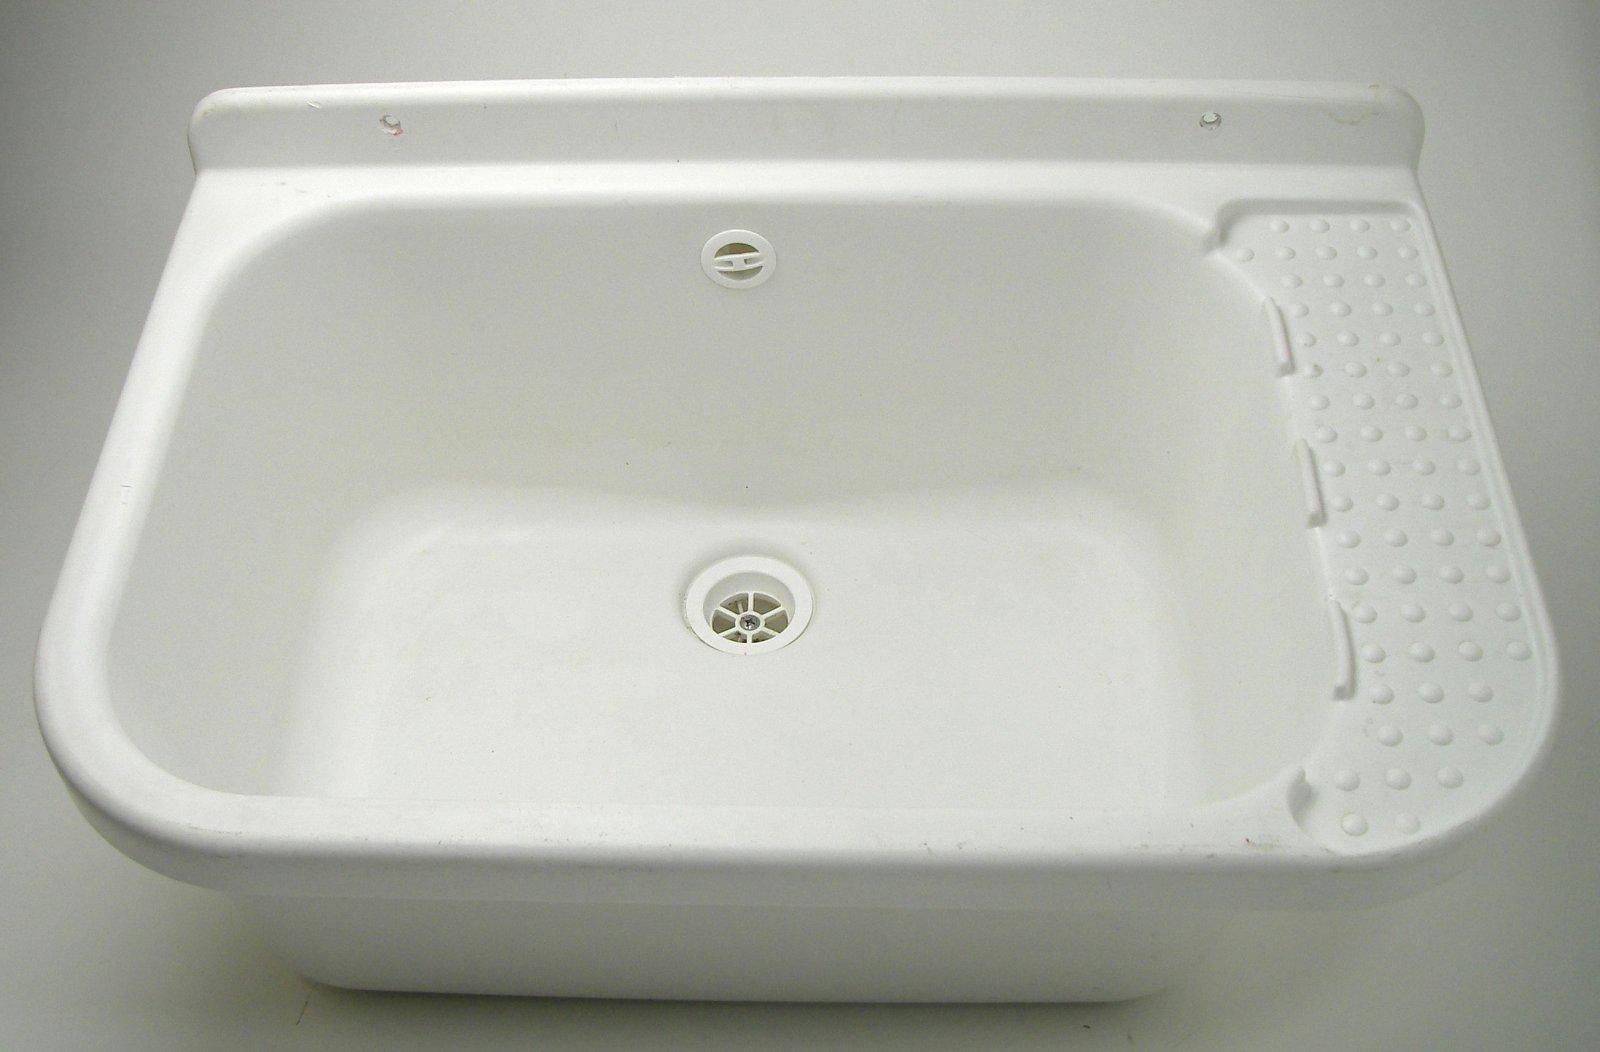 Küche Waschbecken Keramik Reinigen | Ikea Waschtisch Siphon